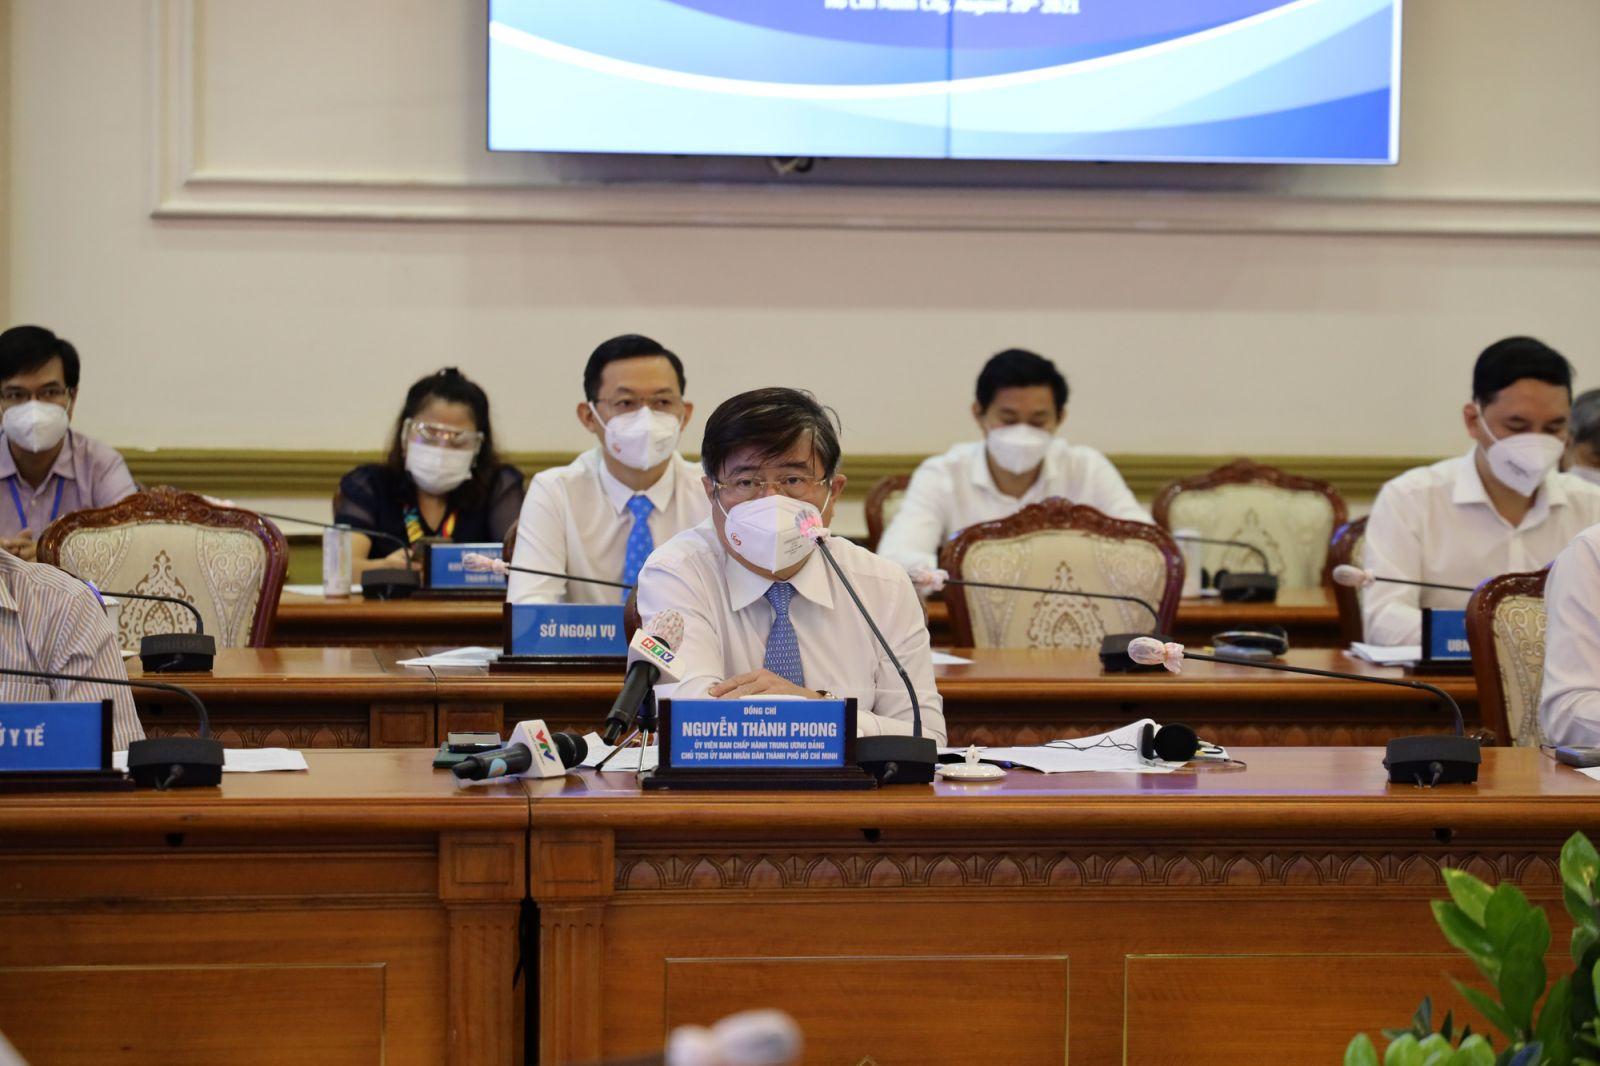 Chủ tịch UBND TP.HCM Nguyễn Thành Phong phát biểu hội nghị.